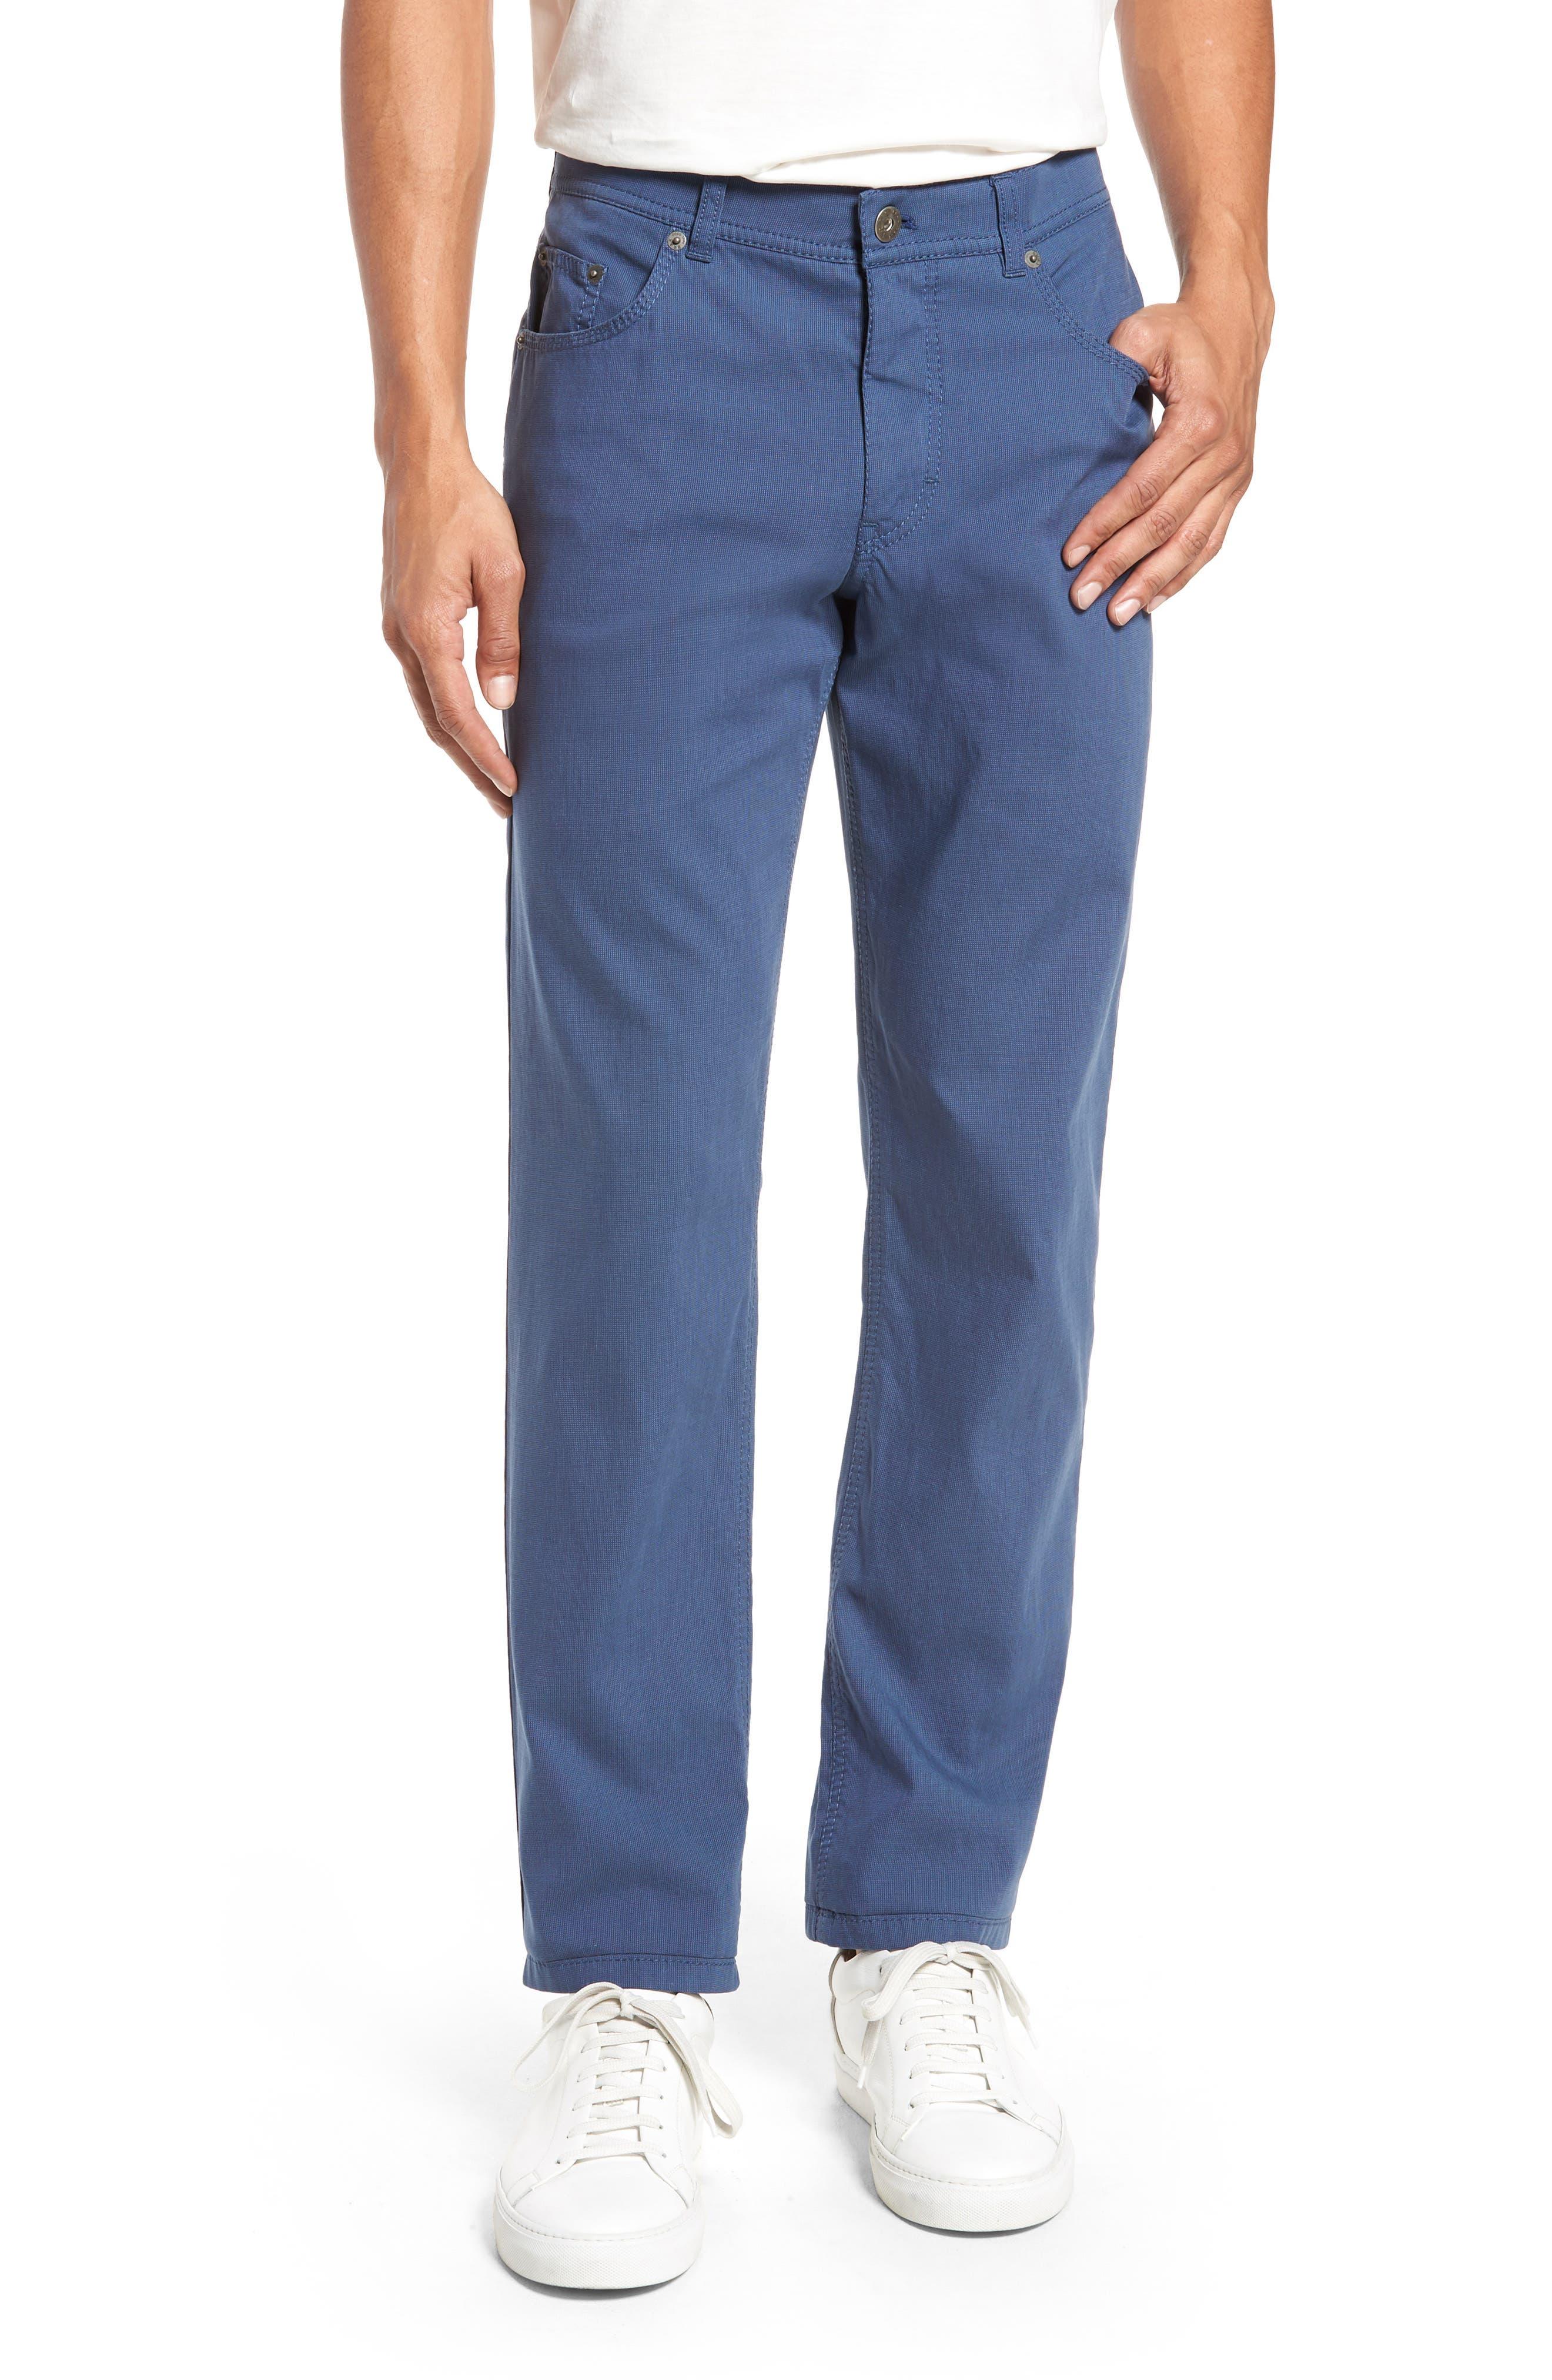 Sensation Stretch Trousers,                             Main thumbnail 1, color,                             BLUE